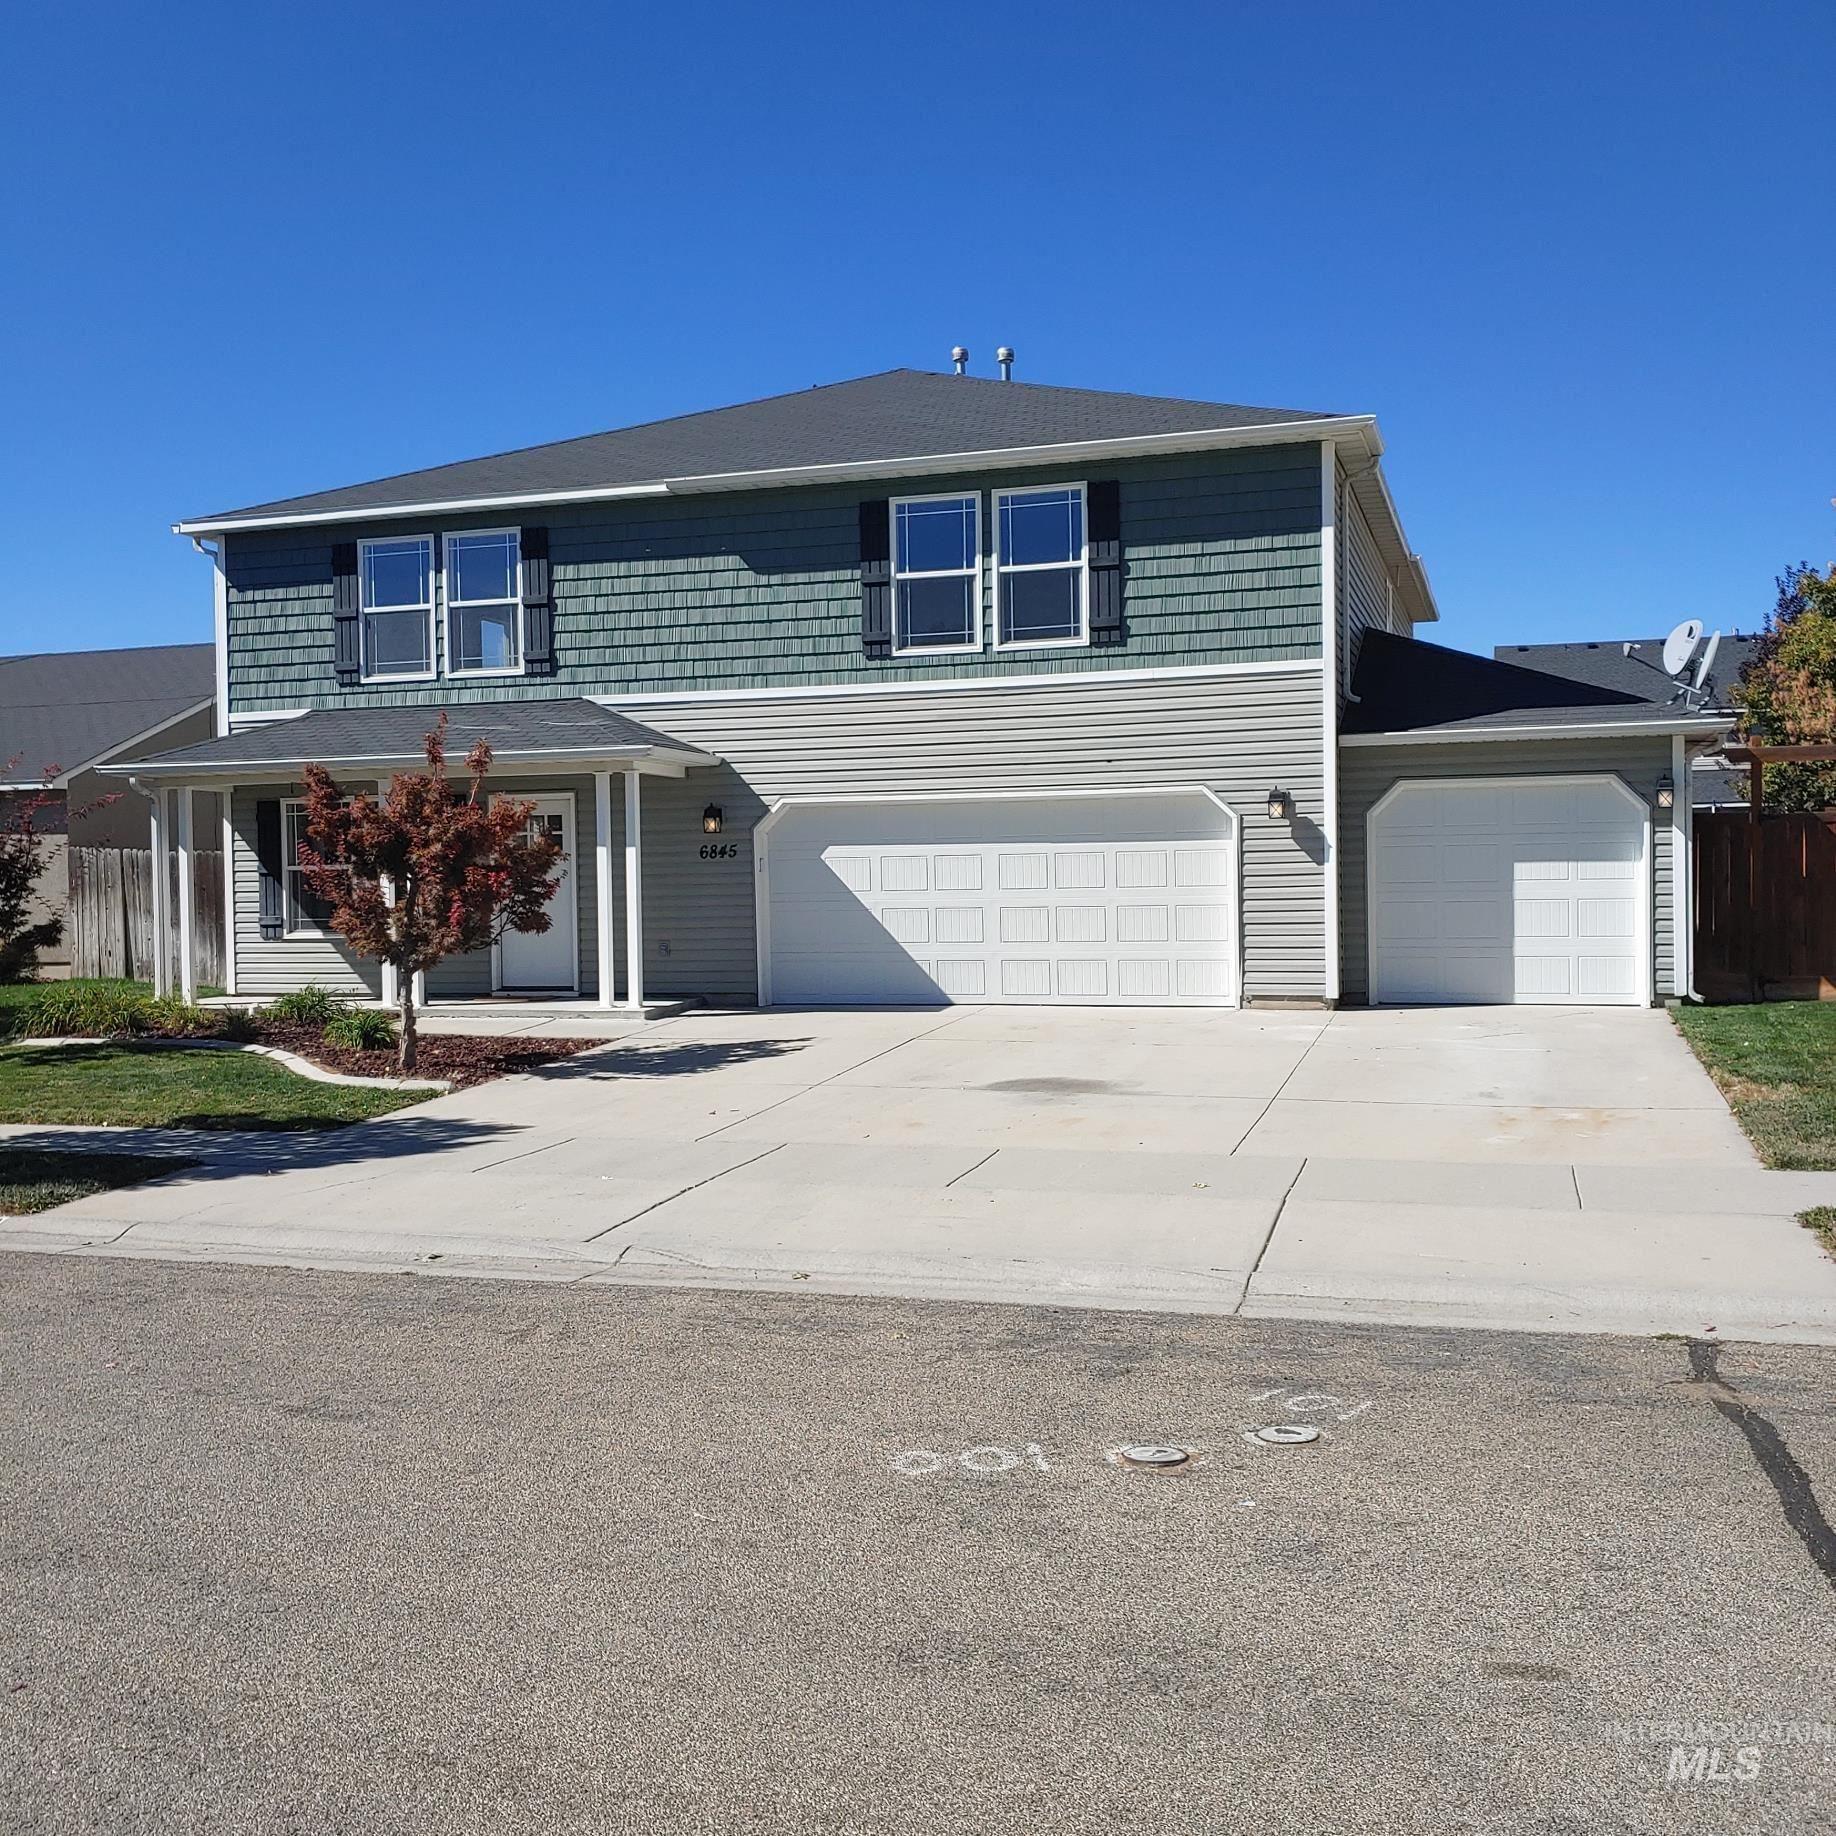 6845 S Acacia, Boise, ID 83709 - MLS#: 98818347